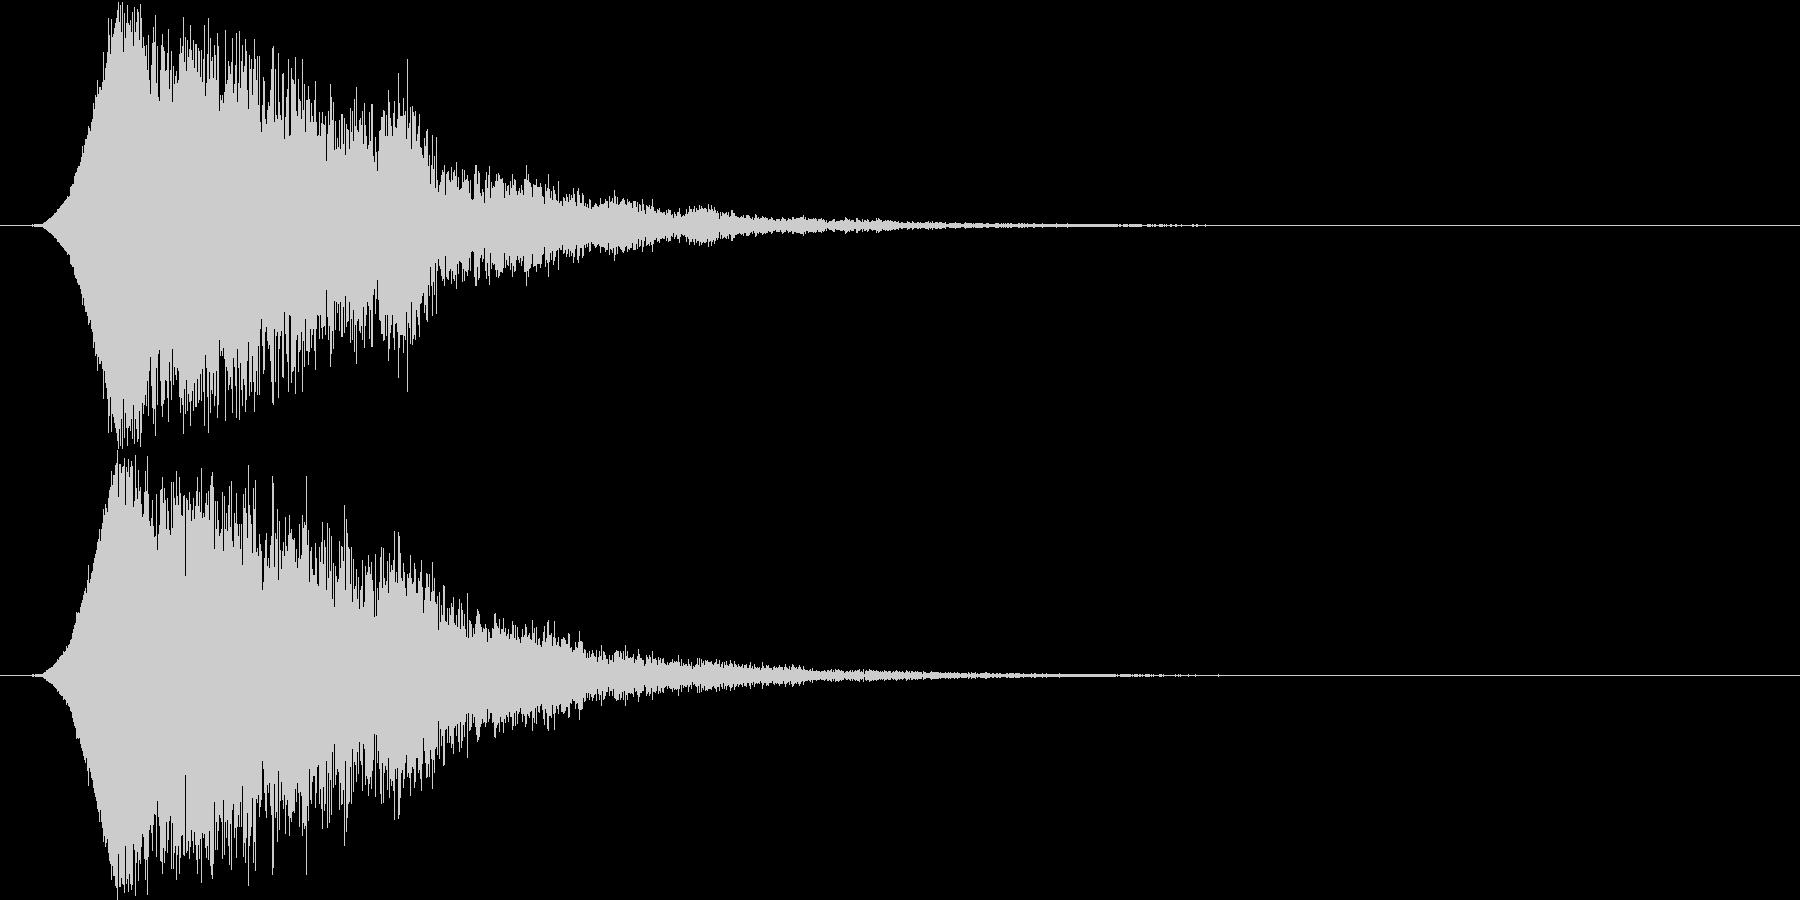 キュピーン 派手なインパクト音1の未再生の波形